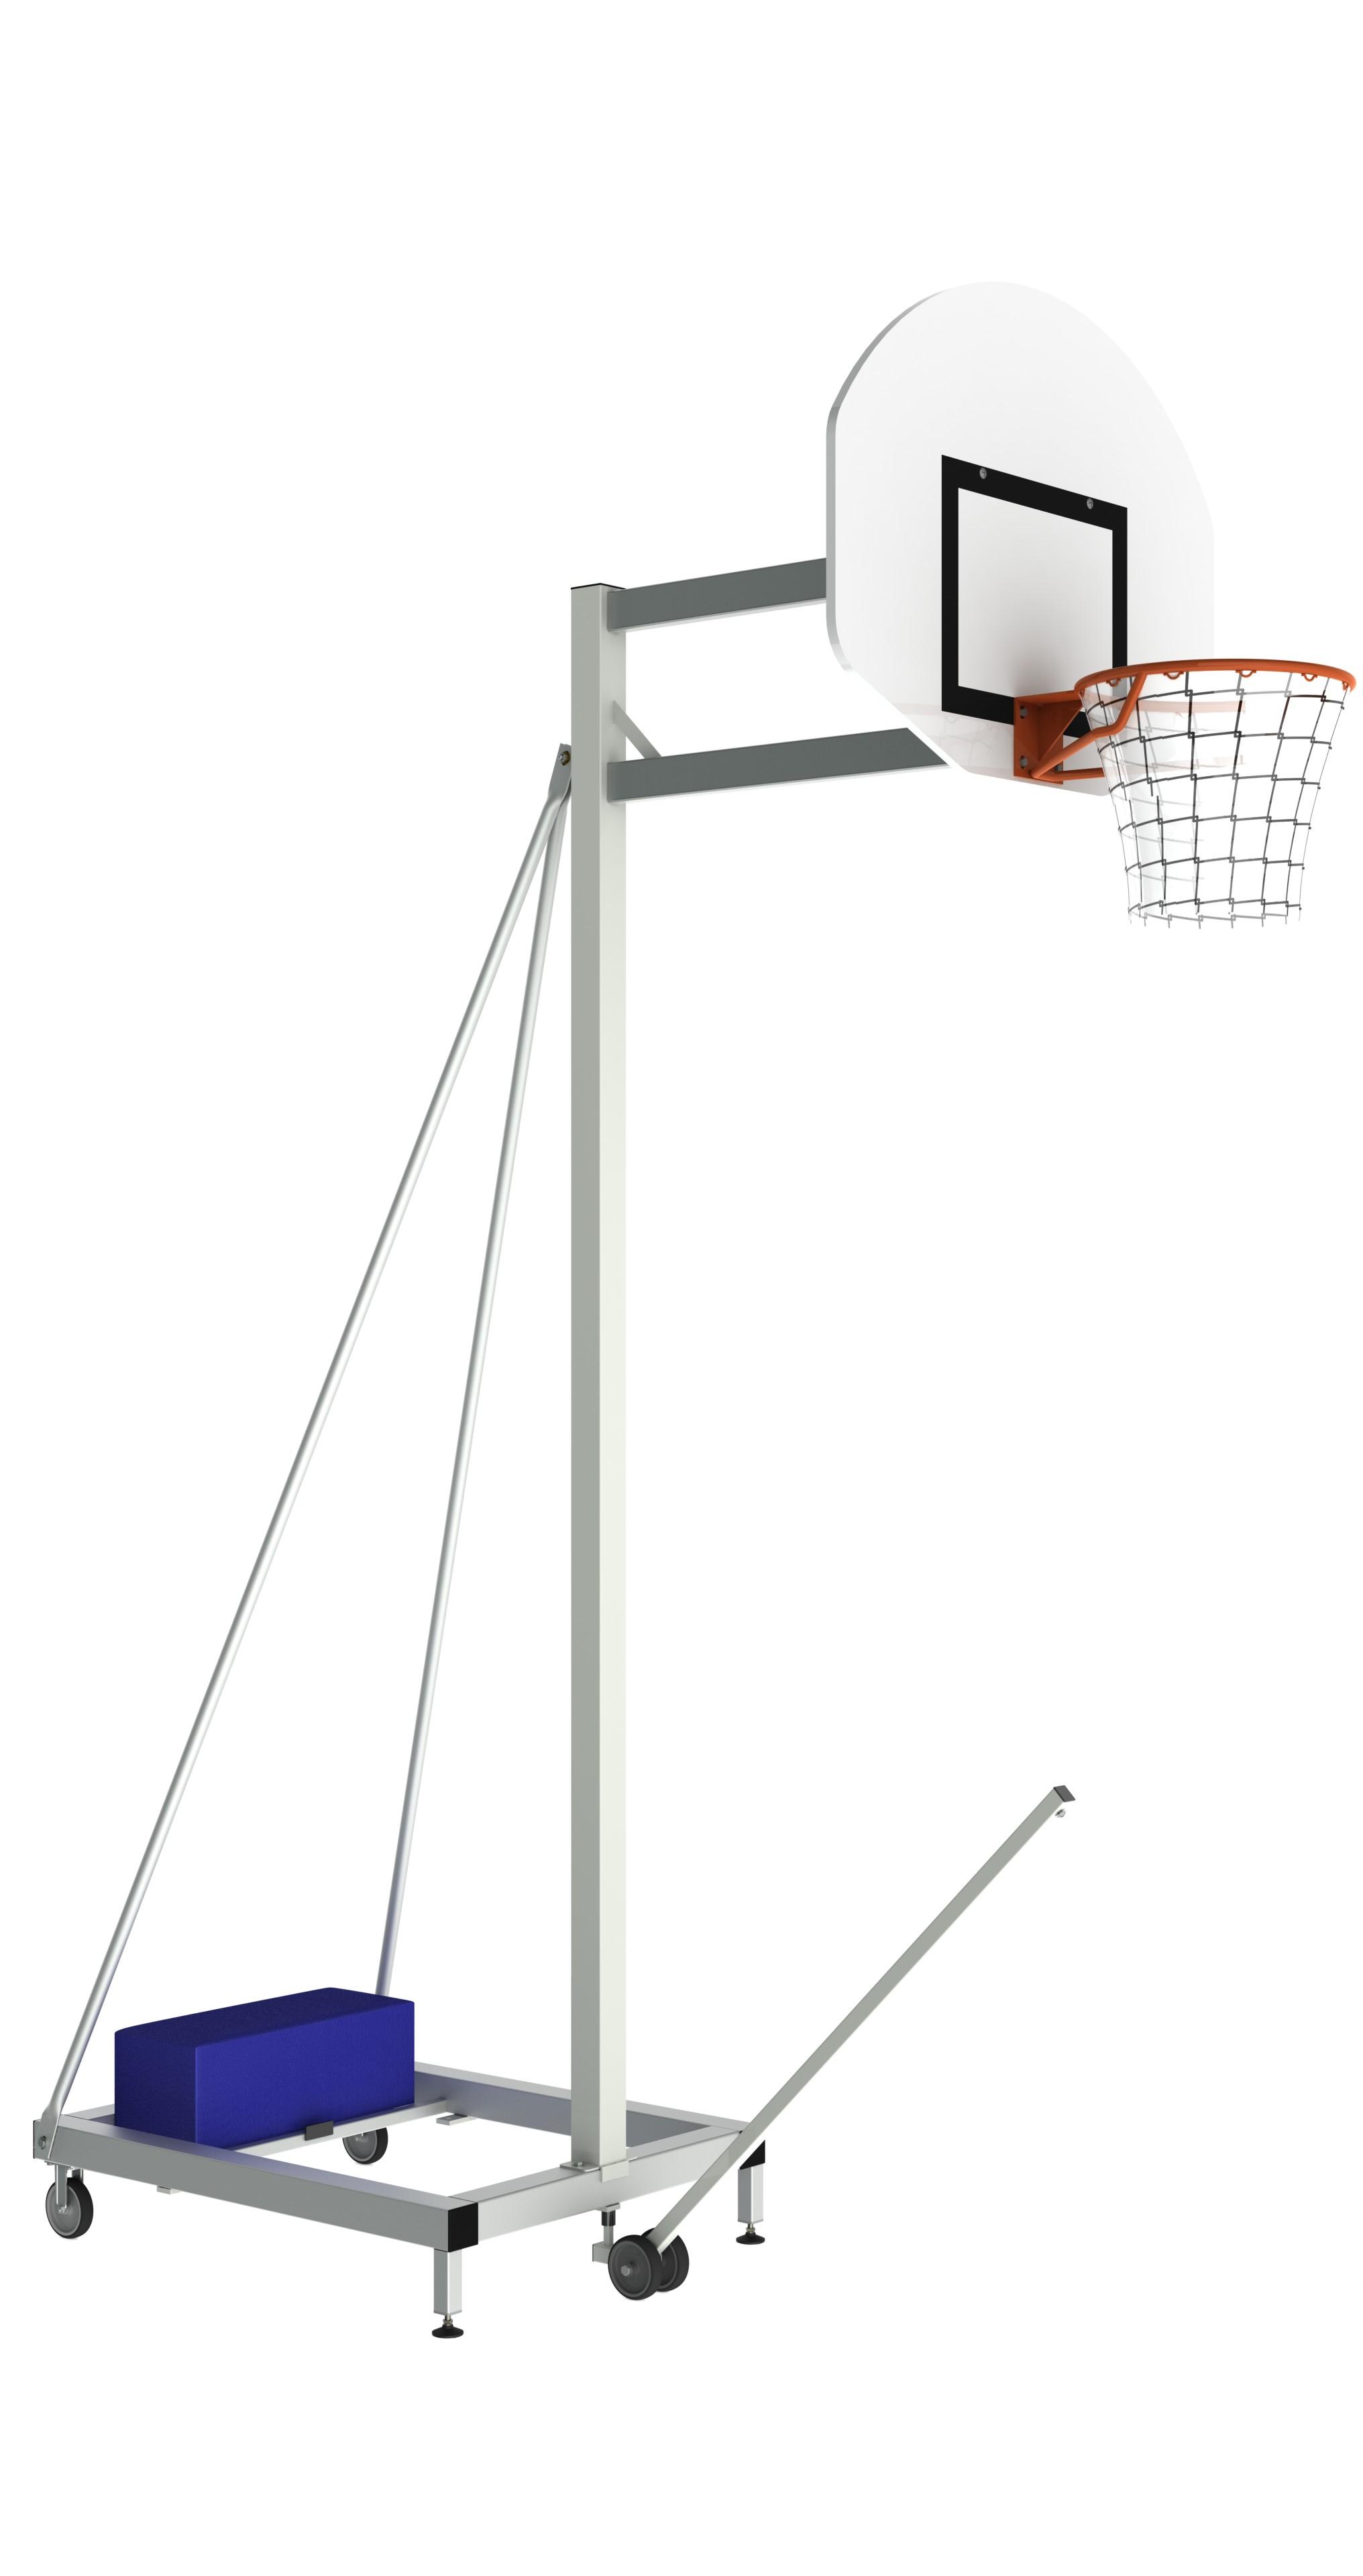 Image of   Basketball Portable Training Goal - 2,60 m - Udhæng 1,0 m